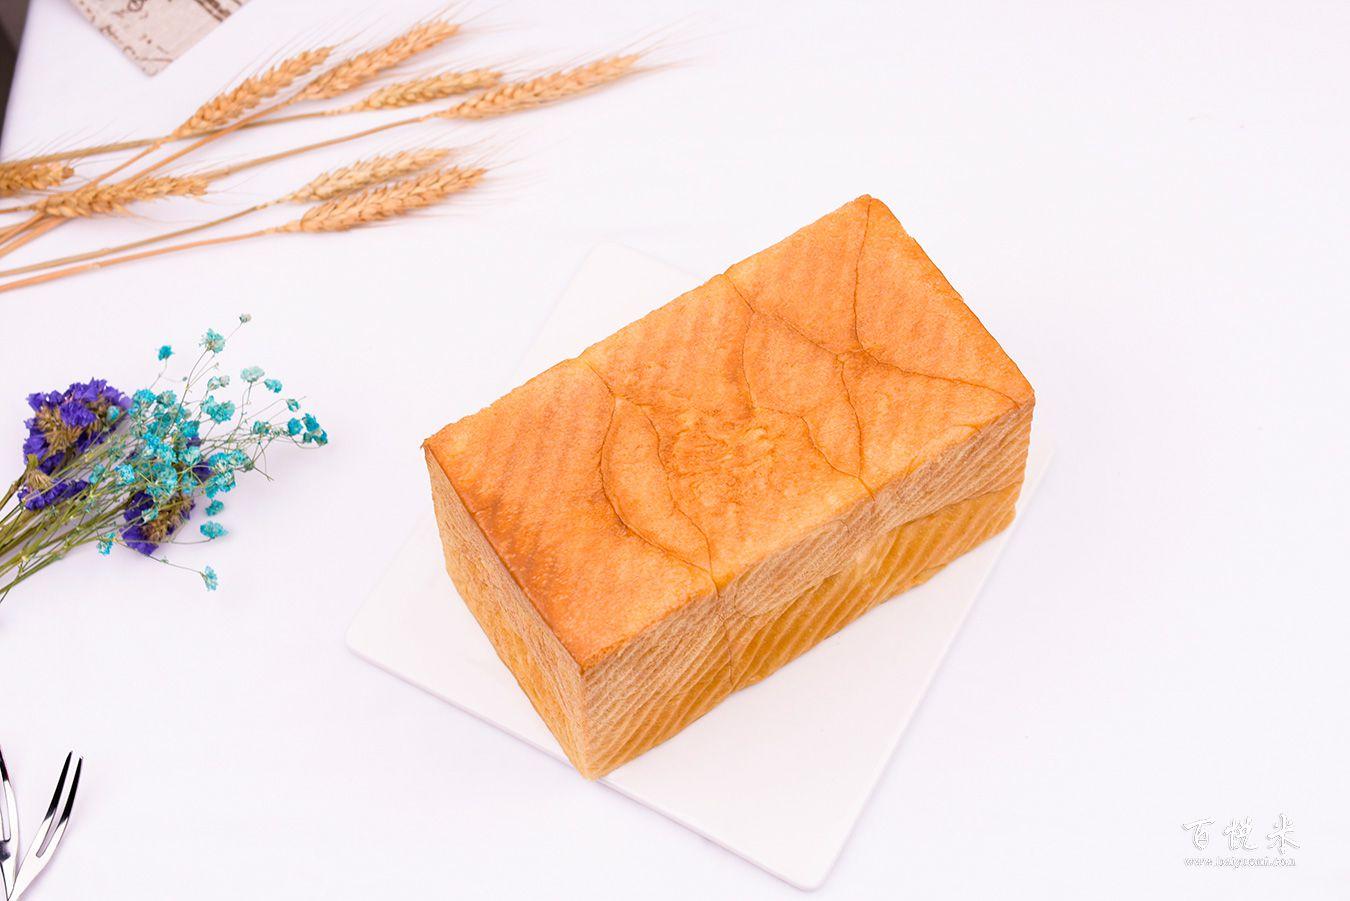 原味吐司面包高清图片大全【蛋糕图片】_332